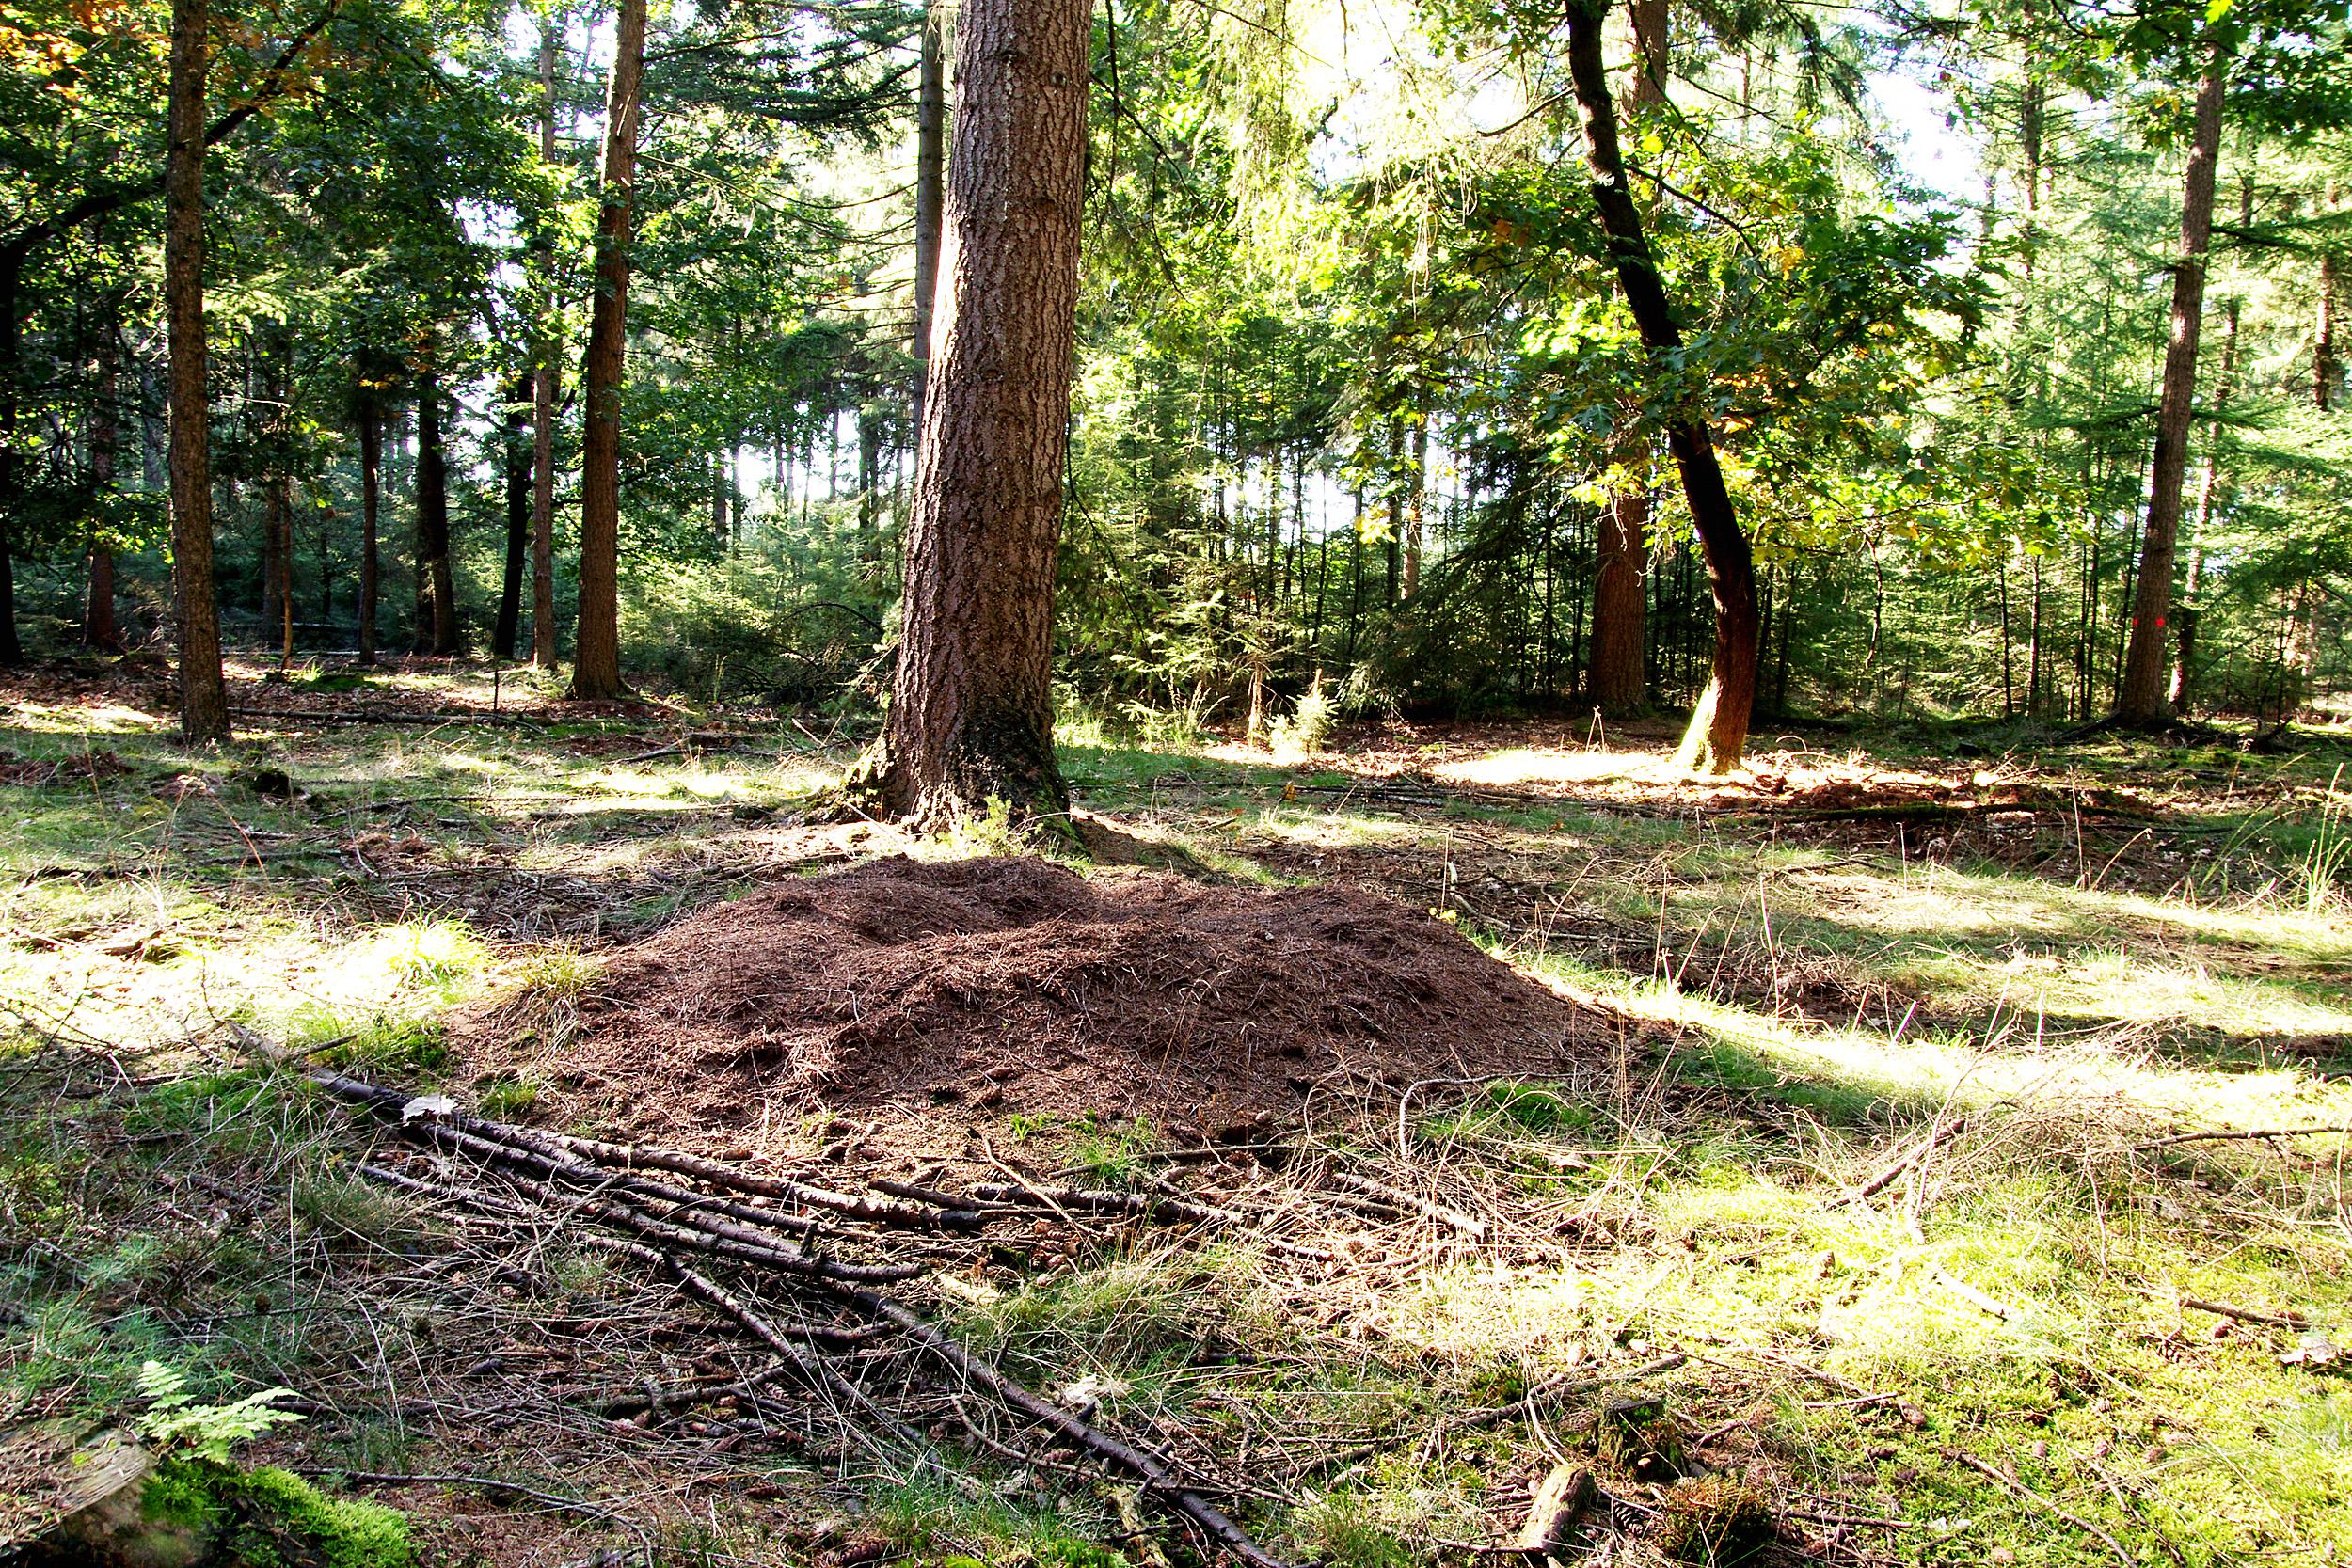 Mierennest uitgegraven door dassen, vossen of... door mensen